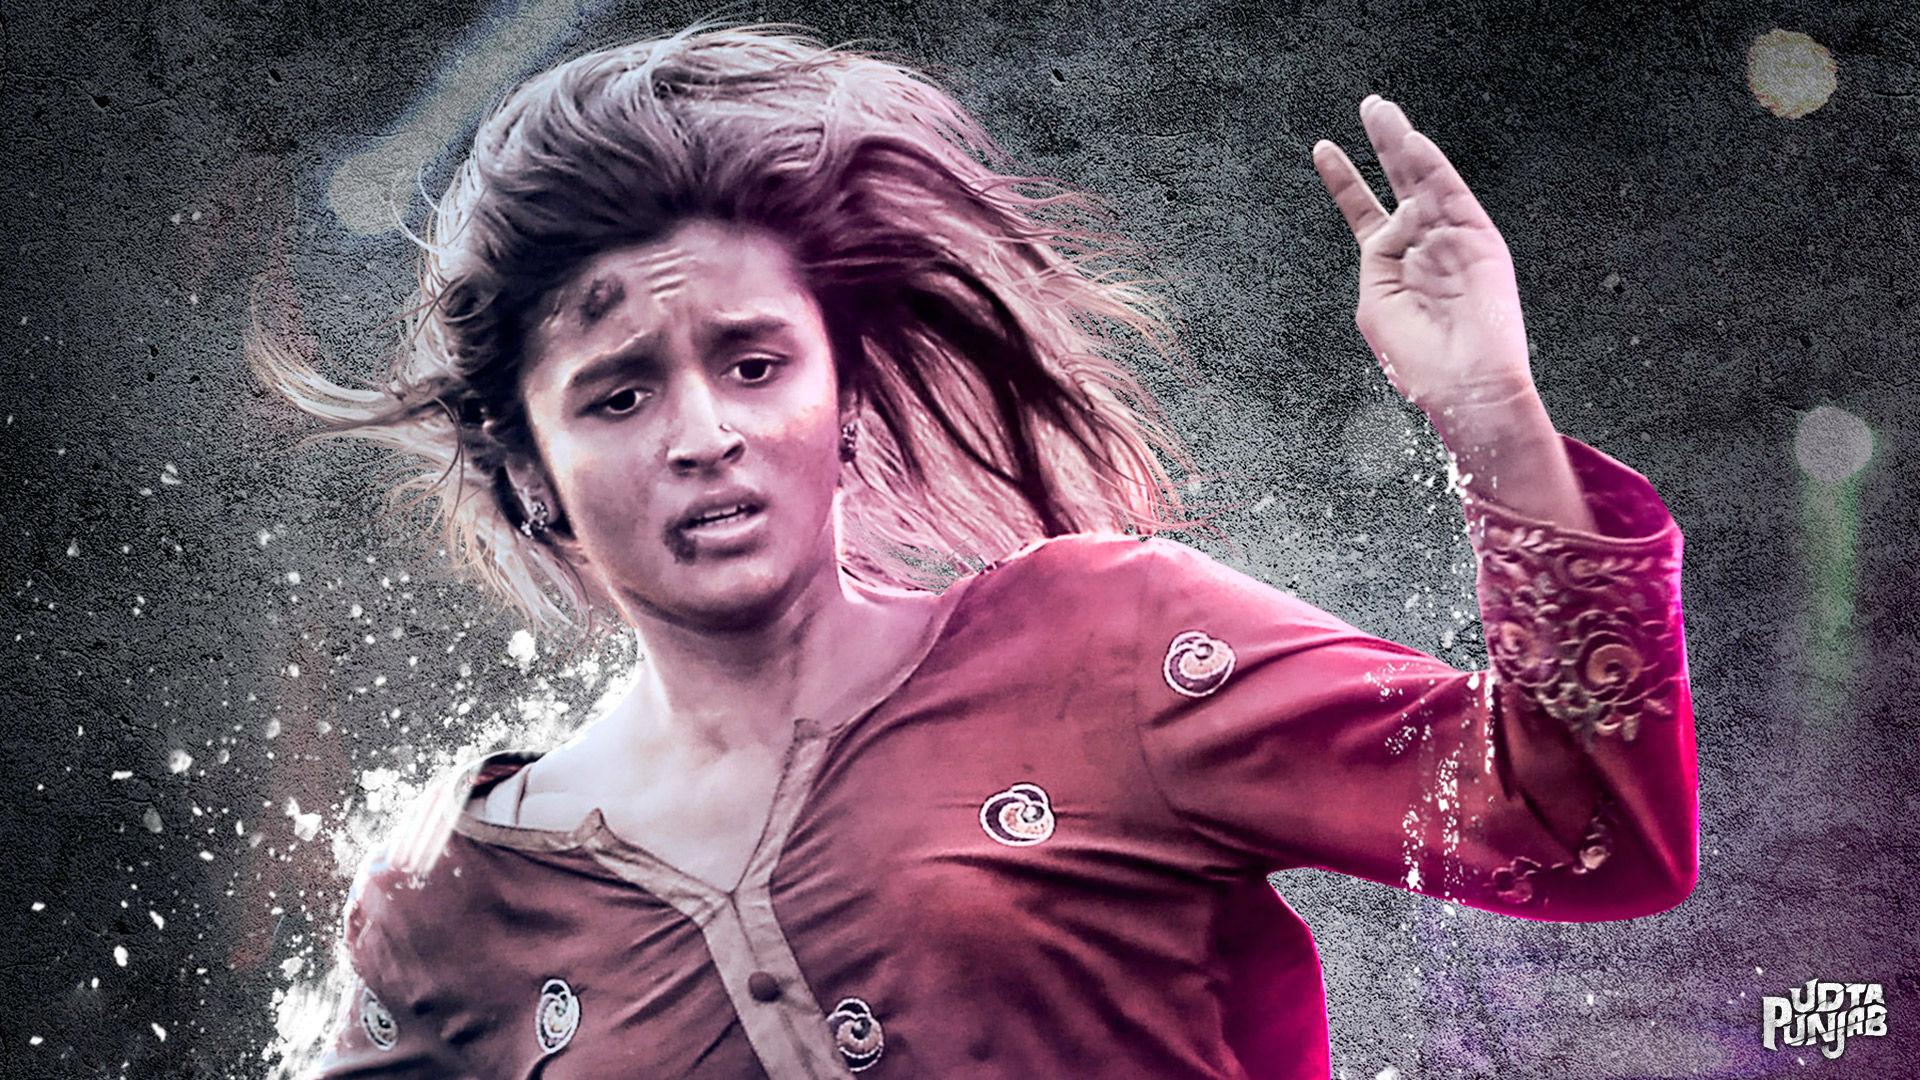 Alia Bhatt In Udta Punjab Hd Indian Celebrities 4k Wallpapers